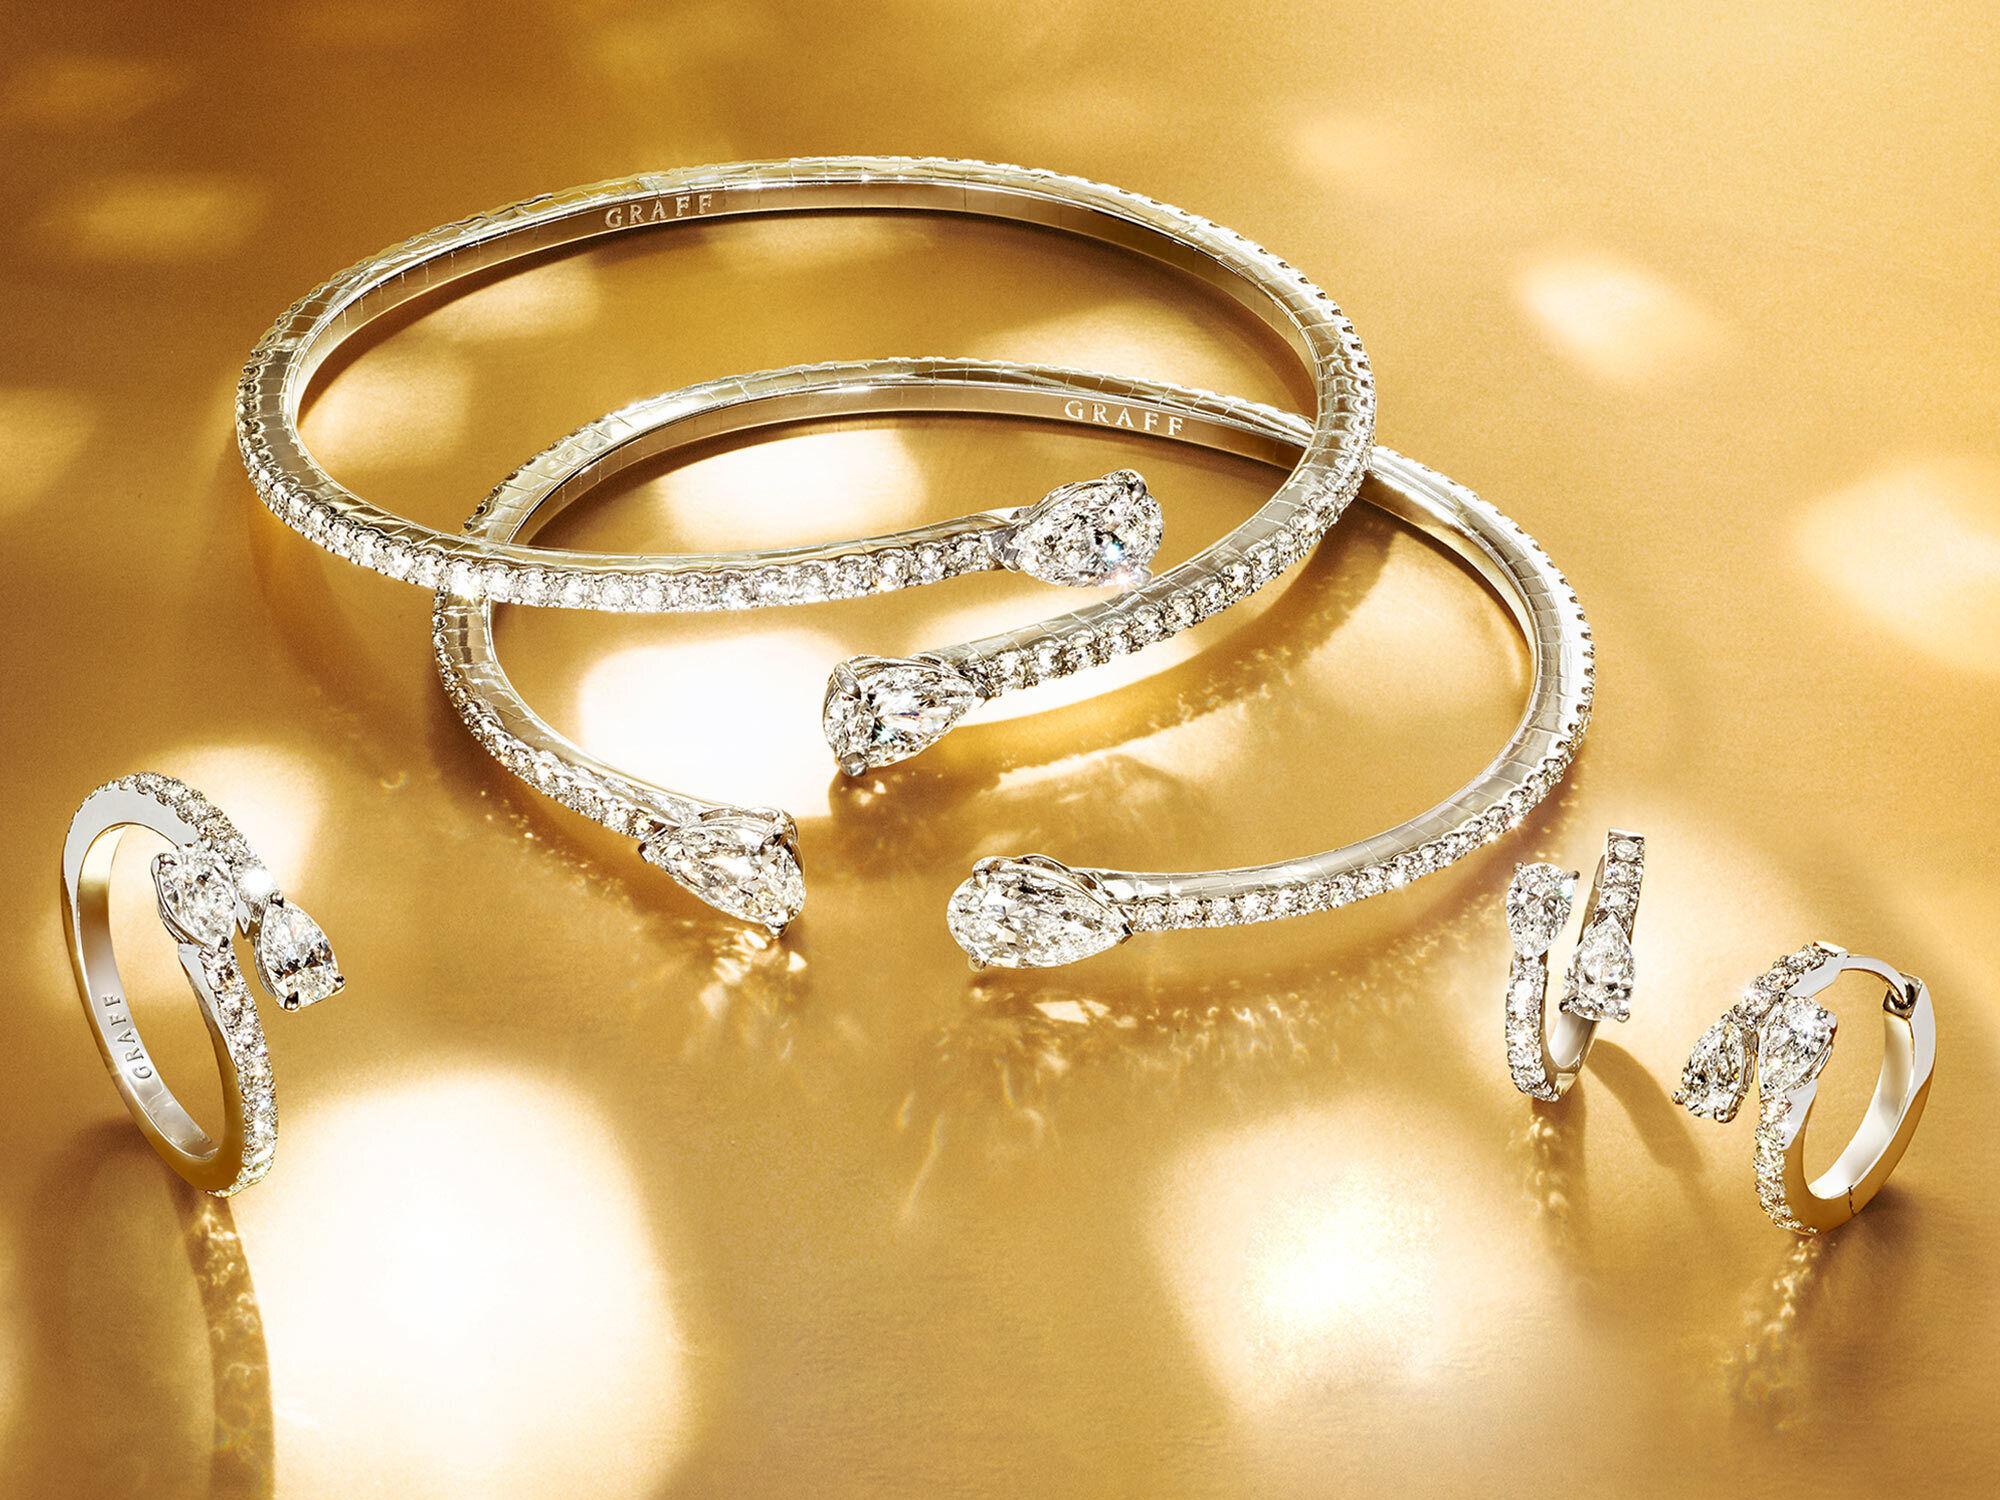 Graff Duet Bracelet, earrings and ring